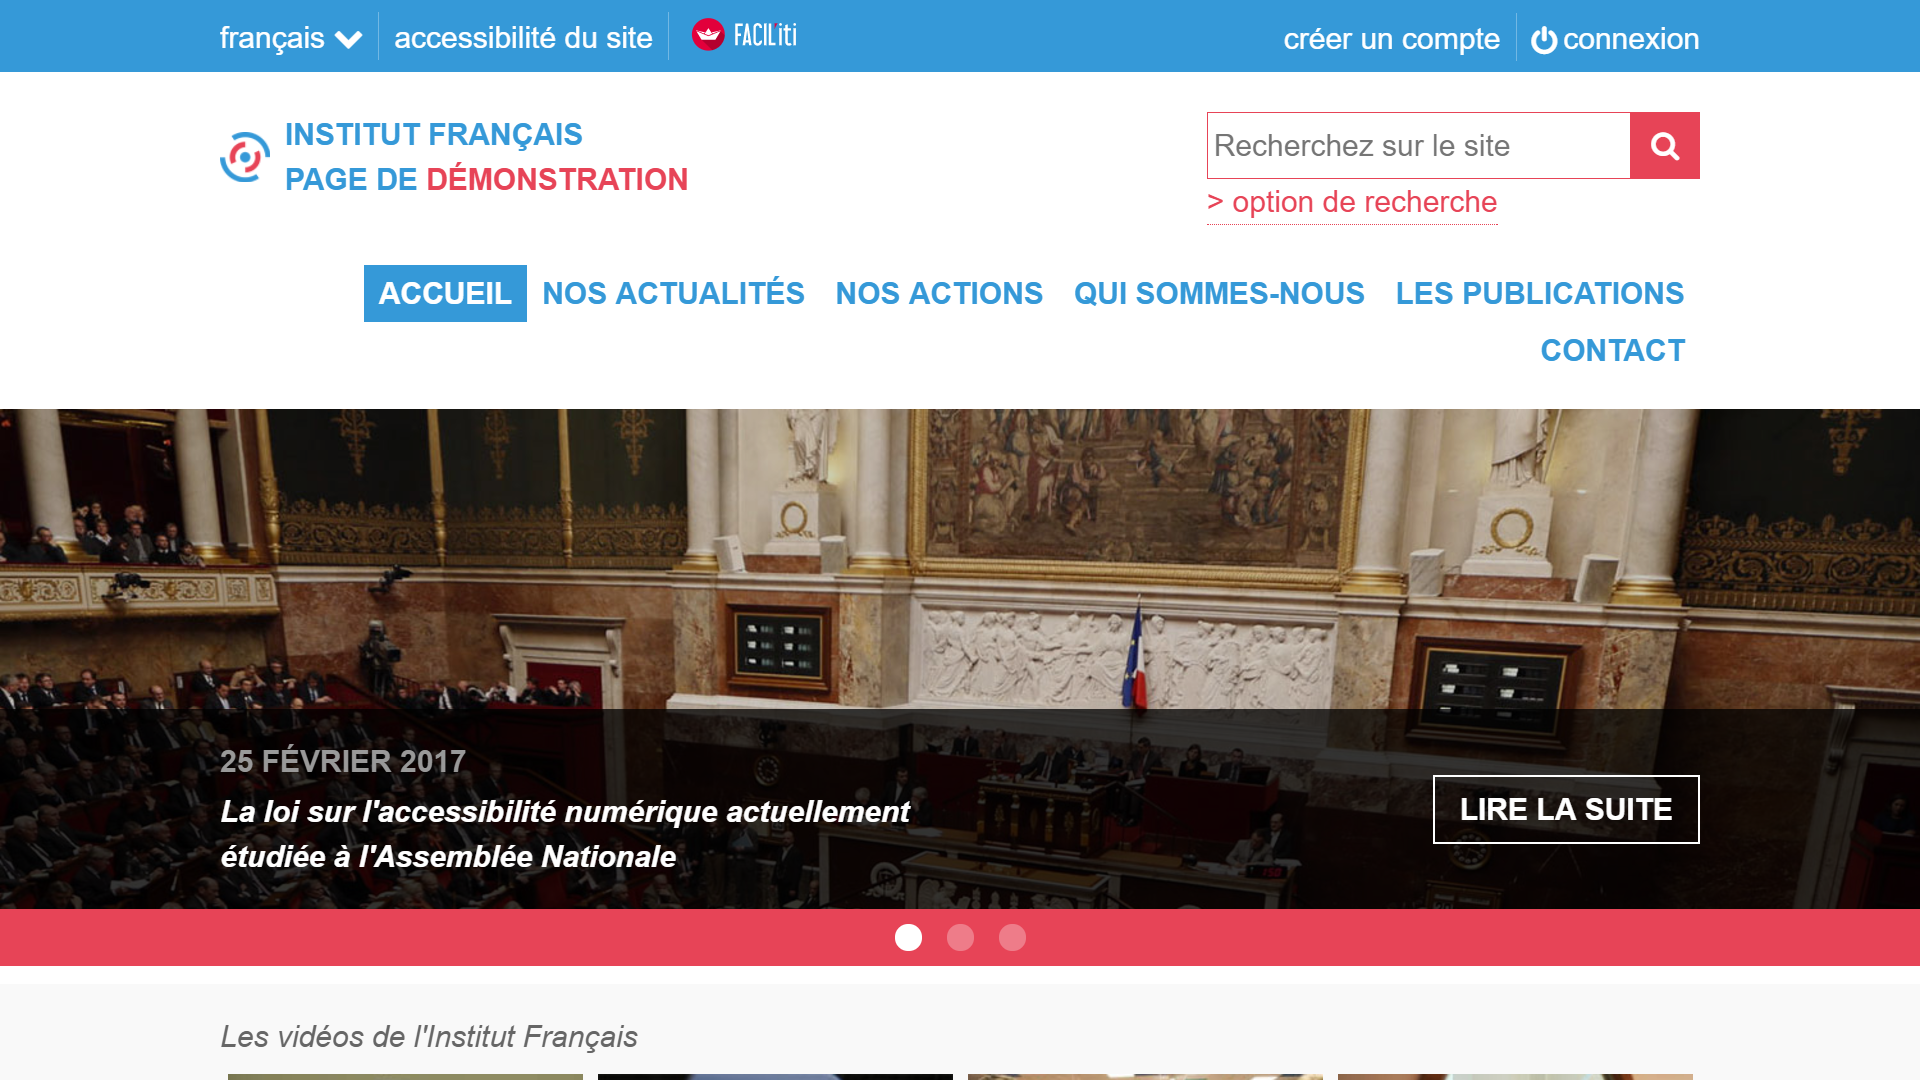 """Une page d'accueil d'un site de démonstration avec FACIL'iti activé pour la pathologie """"Dégénérescence maculaire liée à l'âge (DMLA)"""" est verrouillé Dégénérescence maculaire liée à l'âge (DMLA)"""